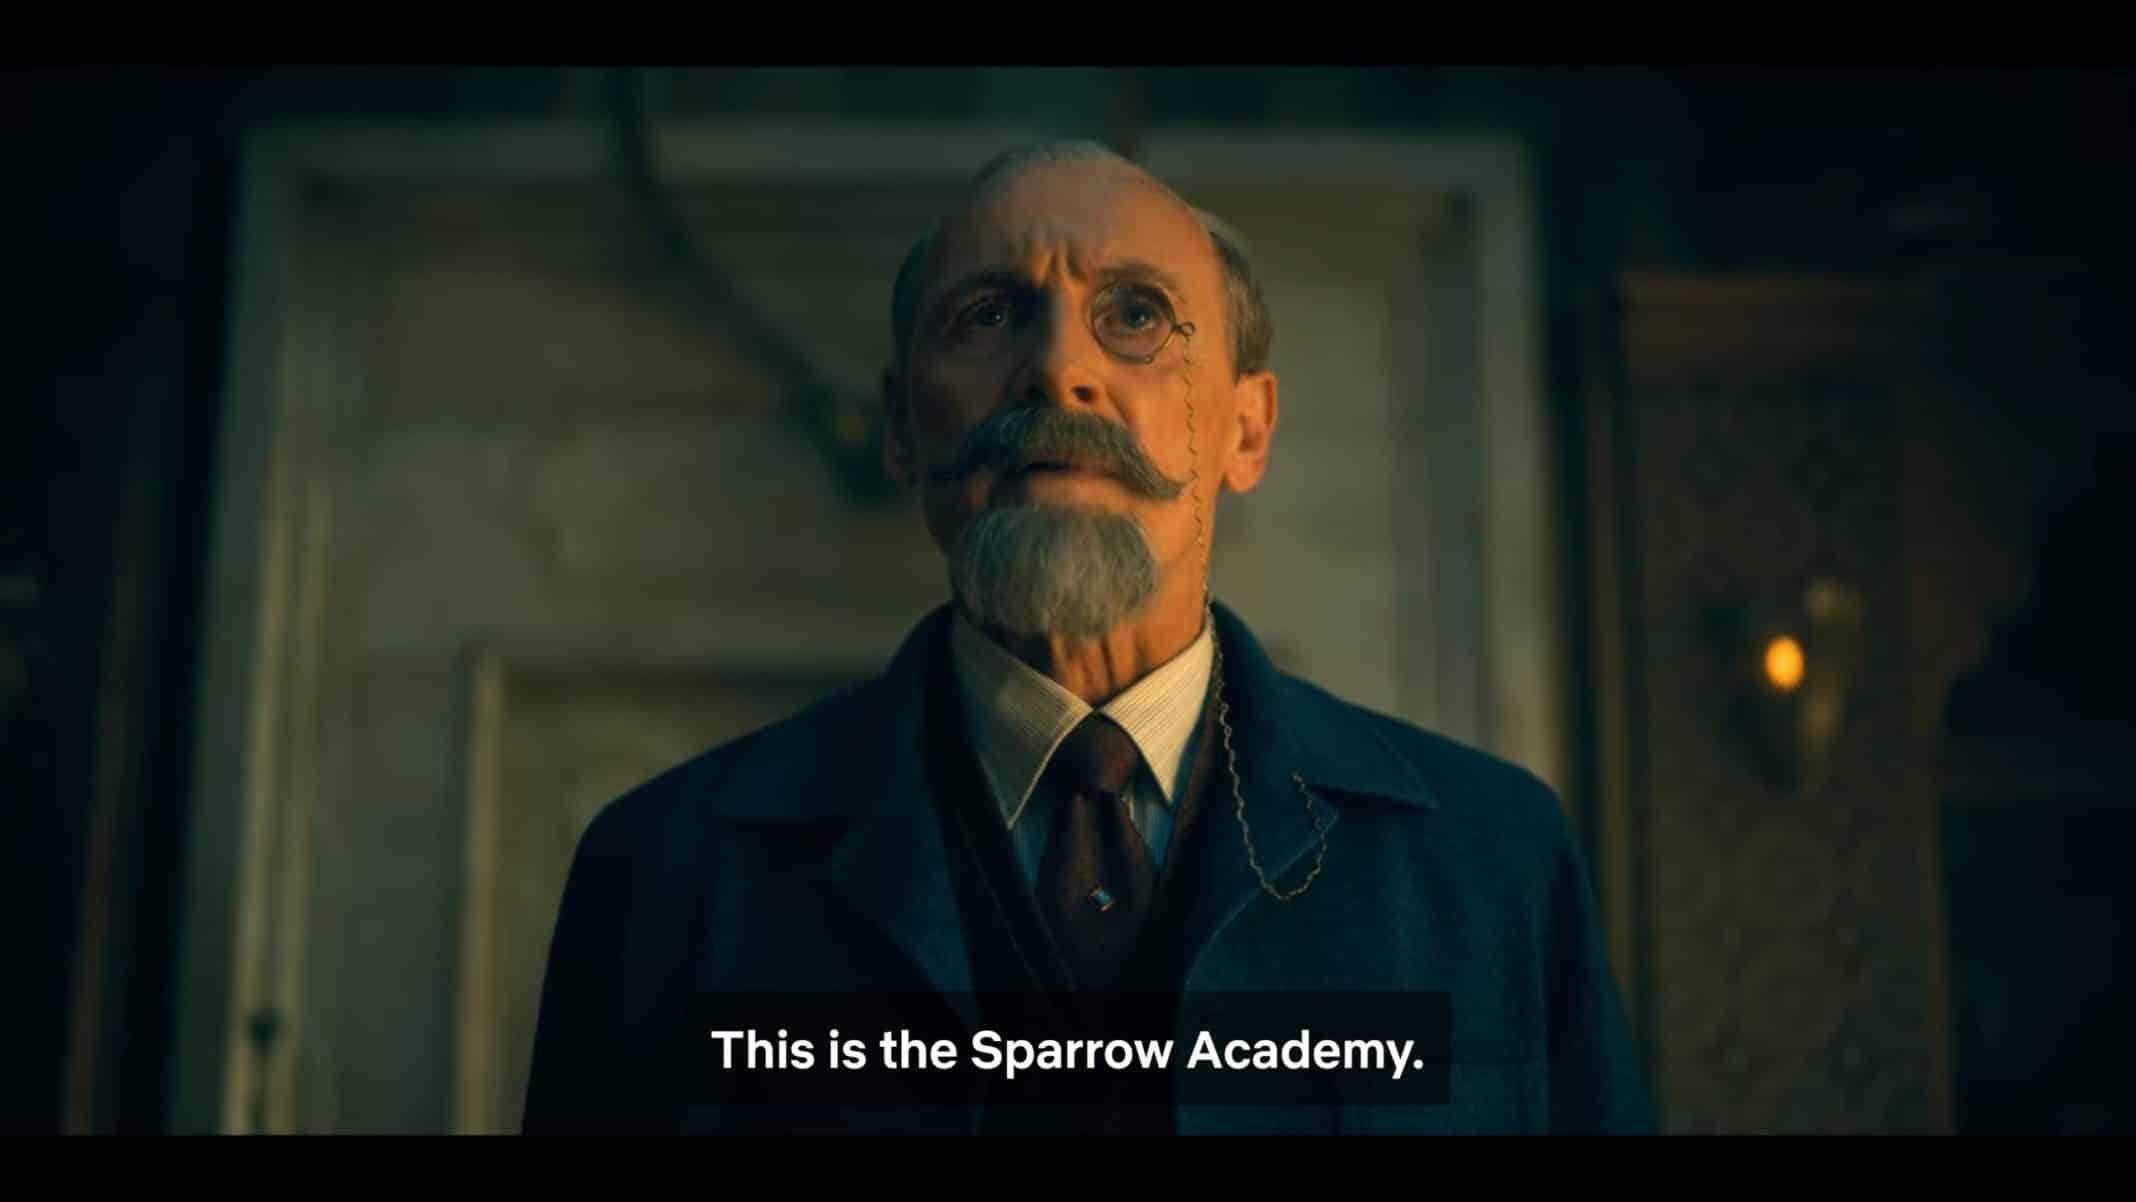 Reginald noting he began the Sparrow Academy, not Umbrella Academy.